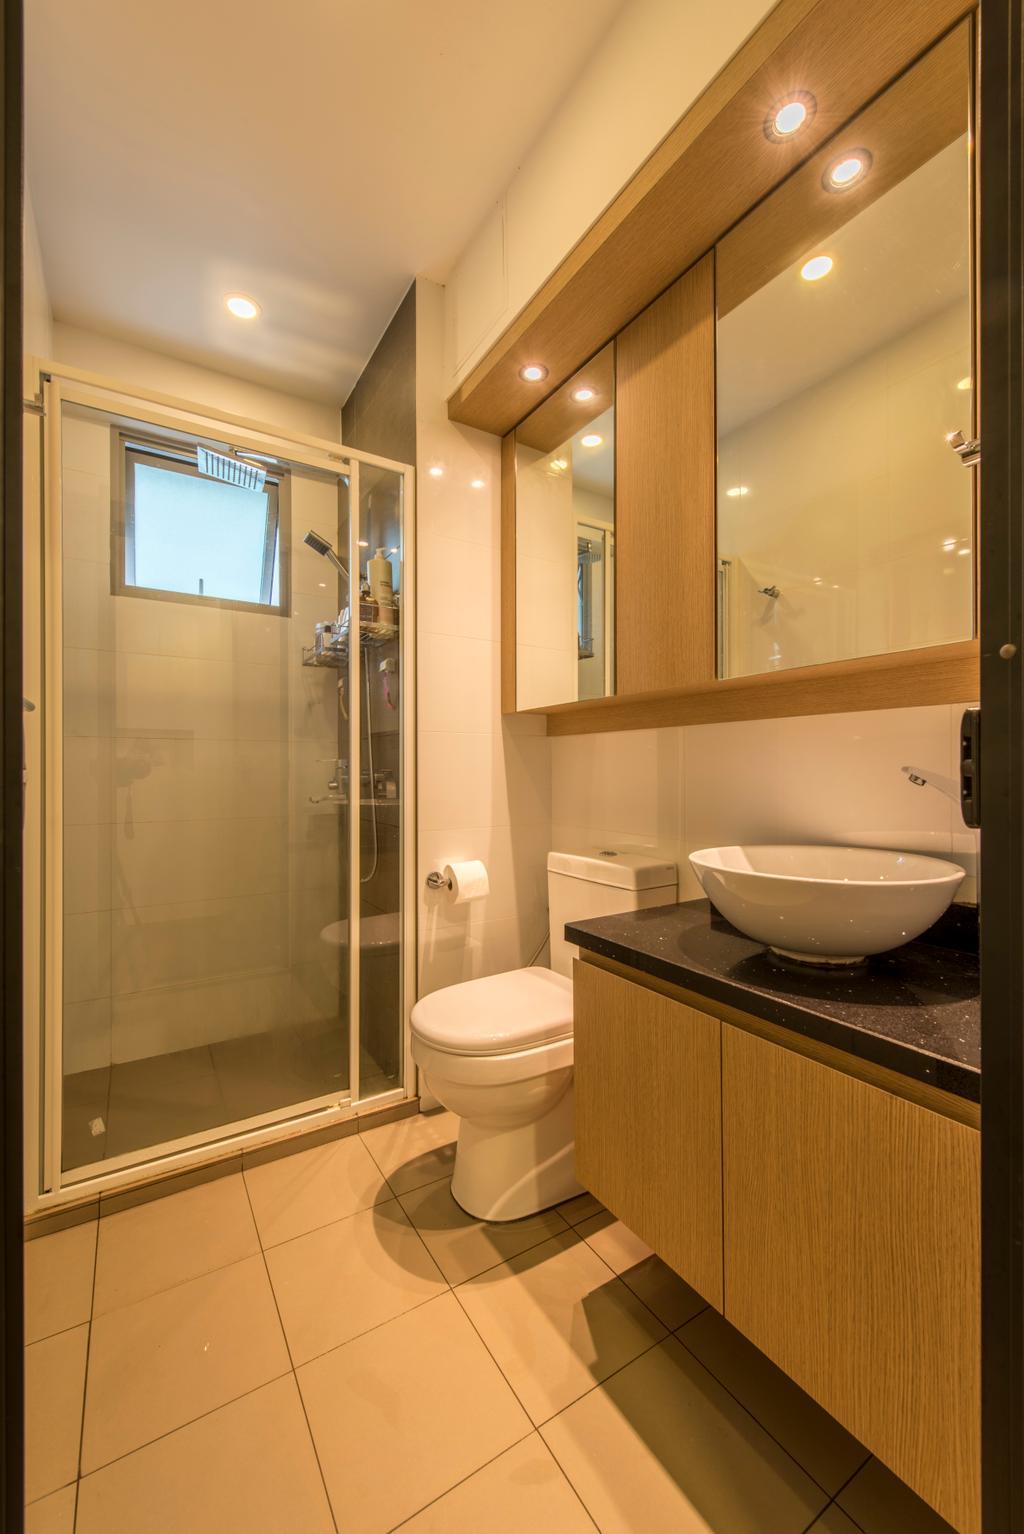 Modern, HDB, Bathroom, Parkland Residence, Interior Designer, Glamour Concept, Downlights, Mirror, Ceramic Tiles, Shower Screen, Round Sink, Sink Countertop, Bathroom Tiles, Toilet, Indoors, Interior Design, Room